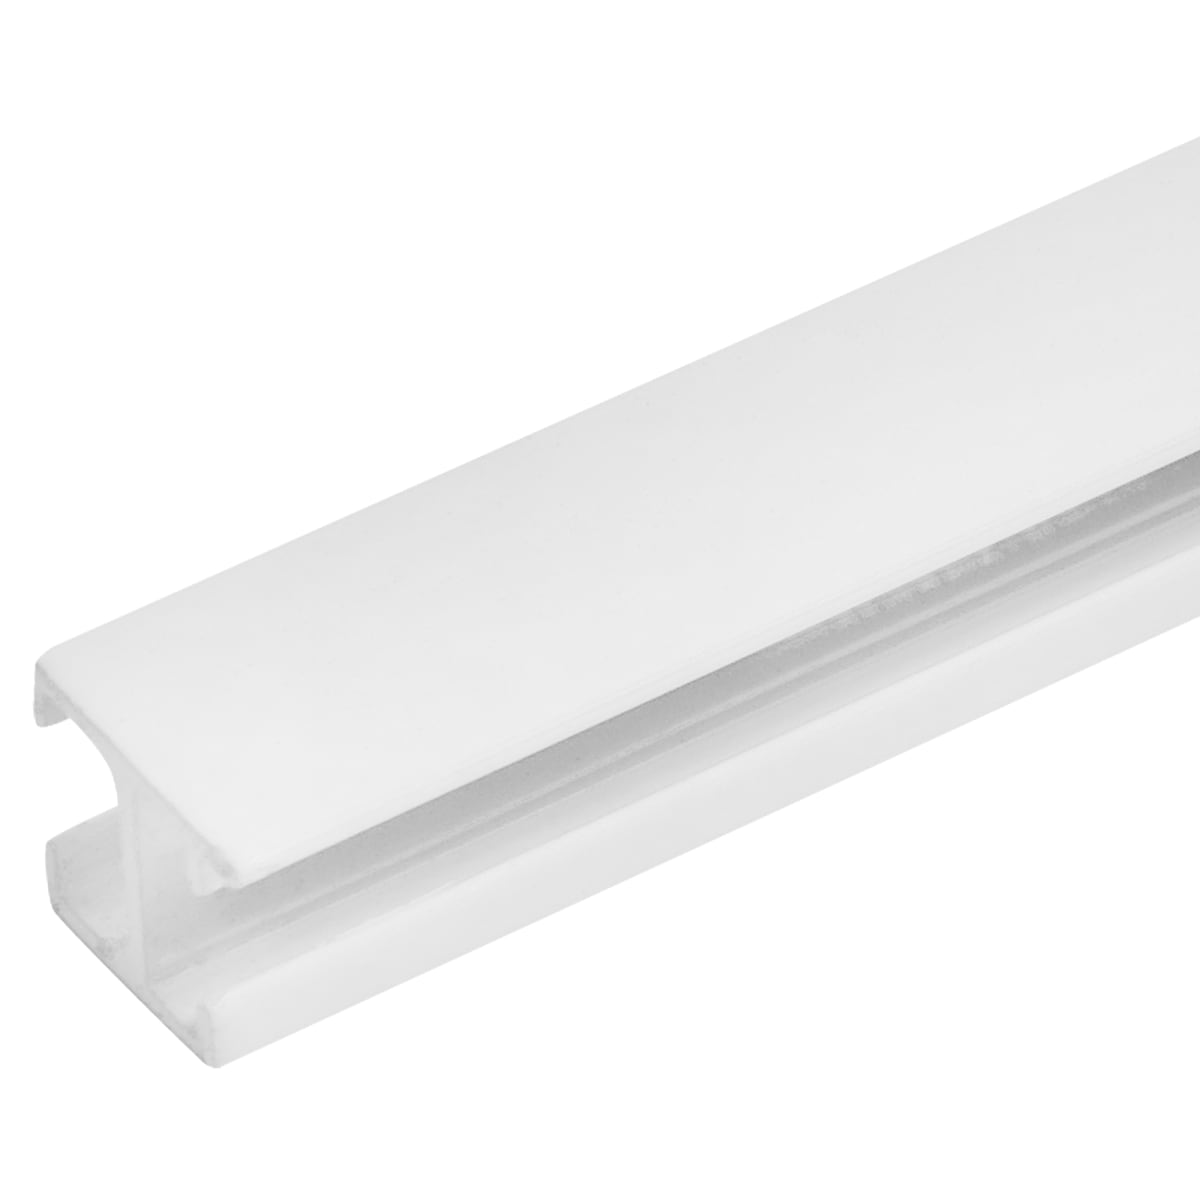 Карниз шинный однорядный Atlant Mini, 200 см, алюминий, цвет белый